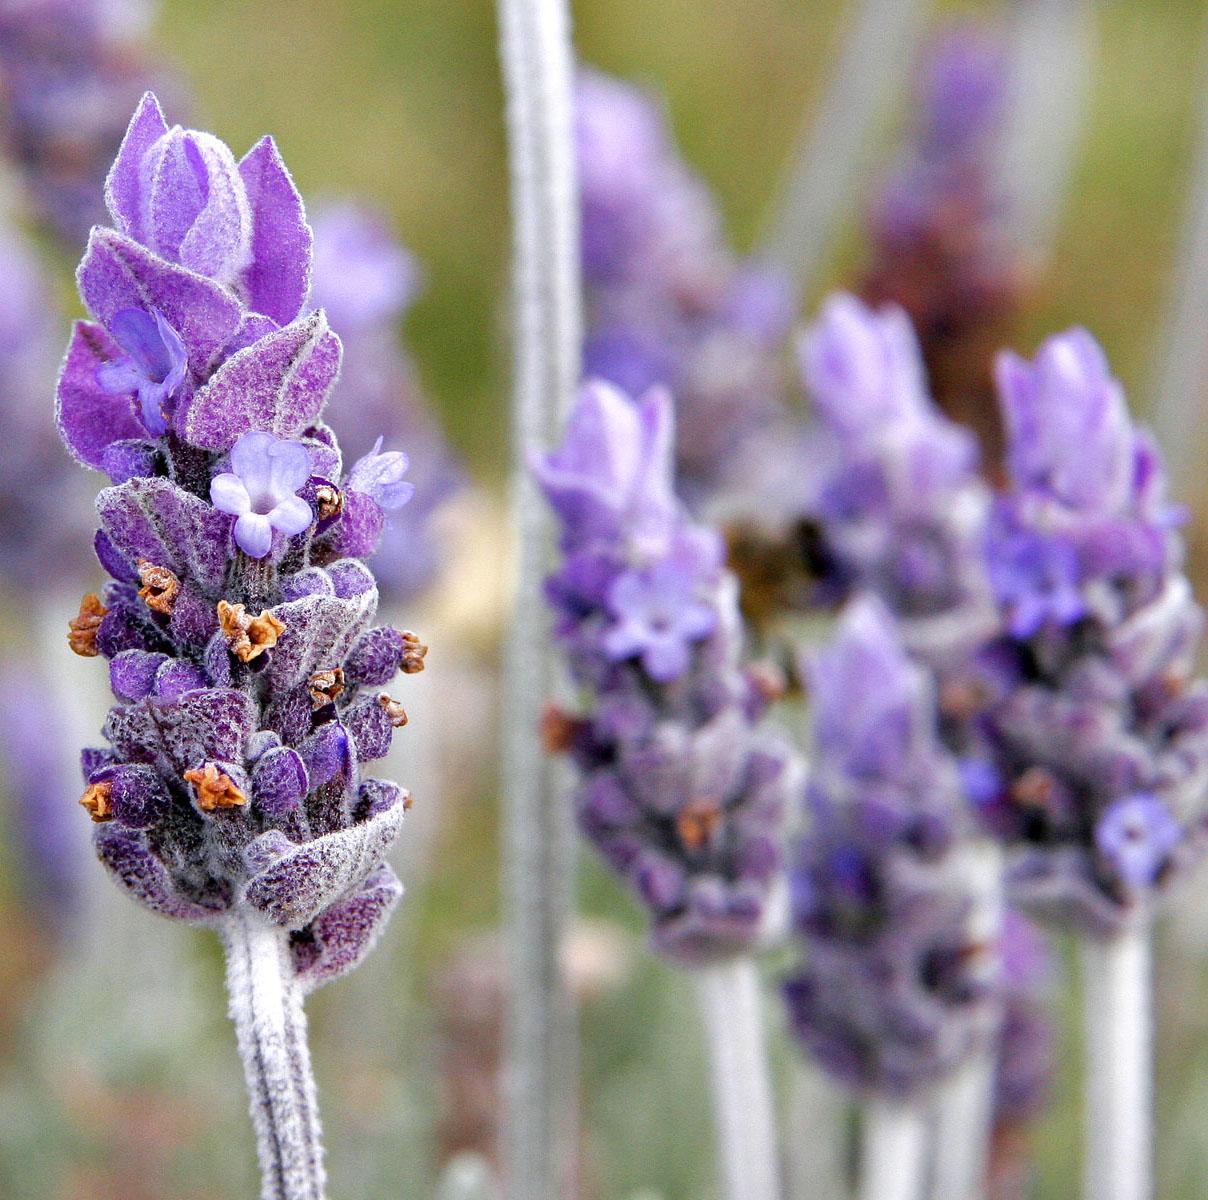 levendulavirág | Mézek - BERTALAN MÉZ | Nektár a kaptárban - élet a mézben!